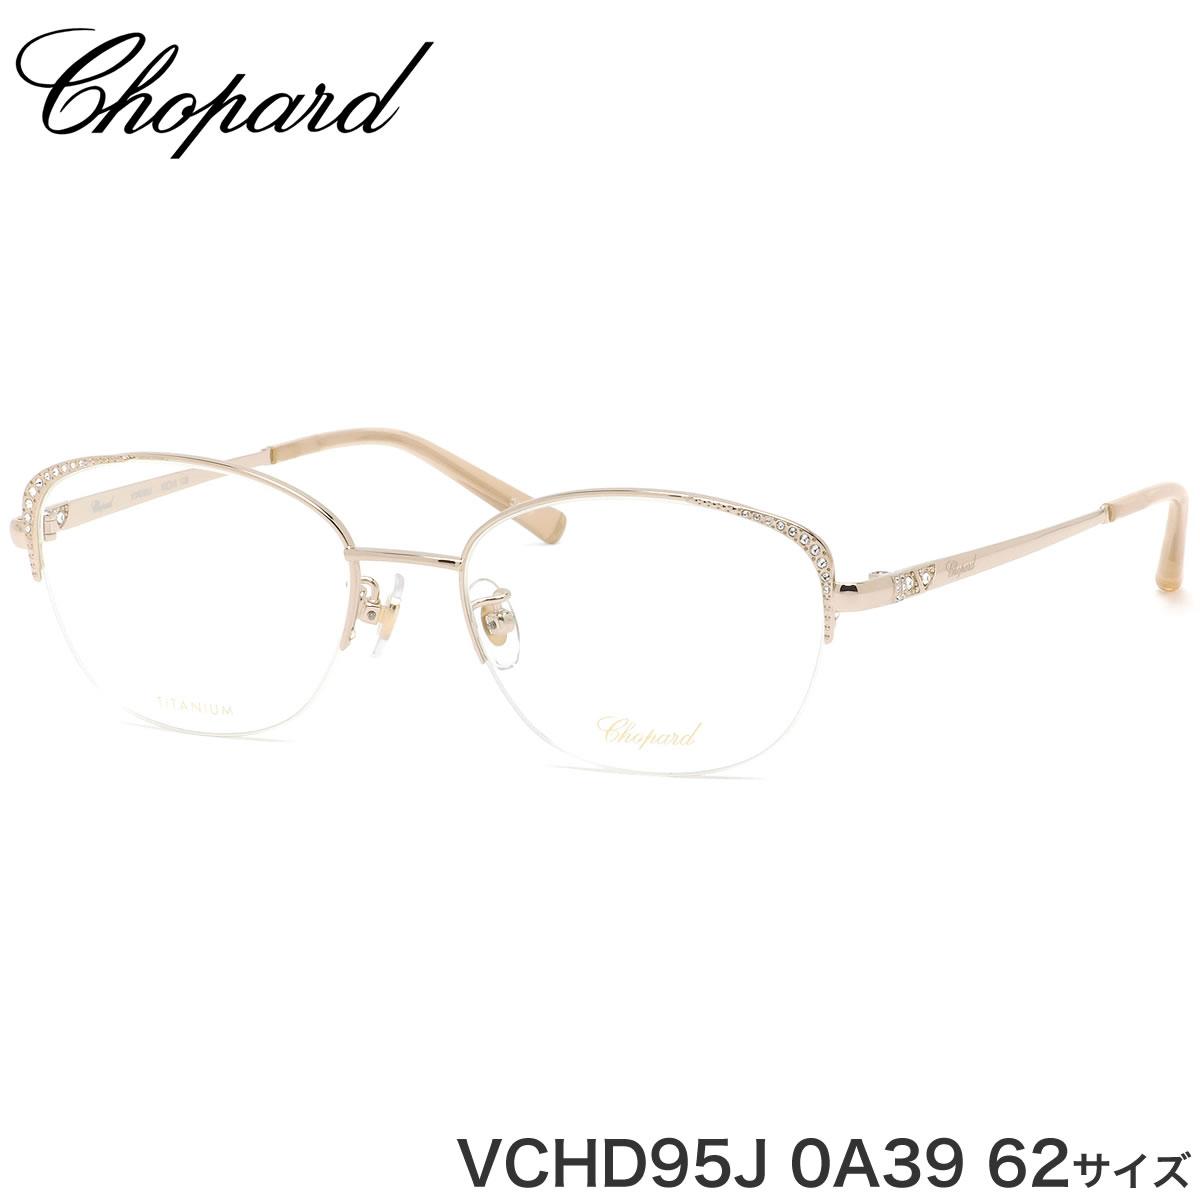 ショパール Chopard メガネ VCHD95J 0A39 53サイズ ハーフリム 華奢 ラインストーン 上品 高級 配ブランド レディース